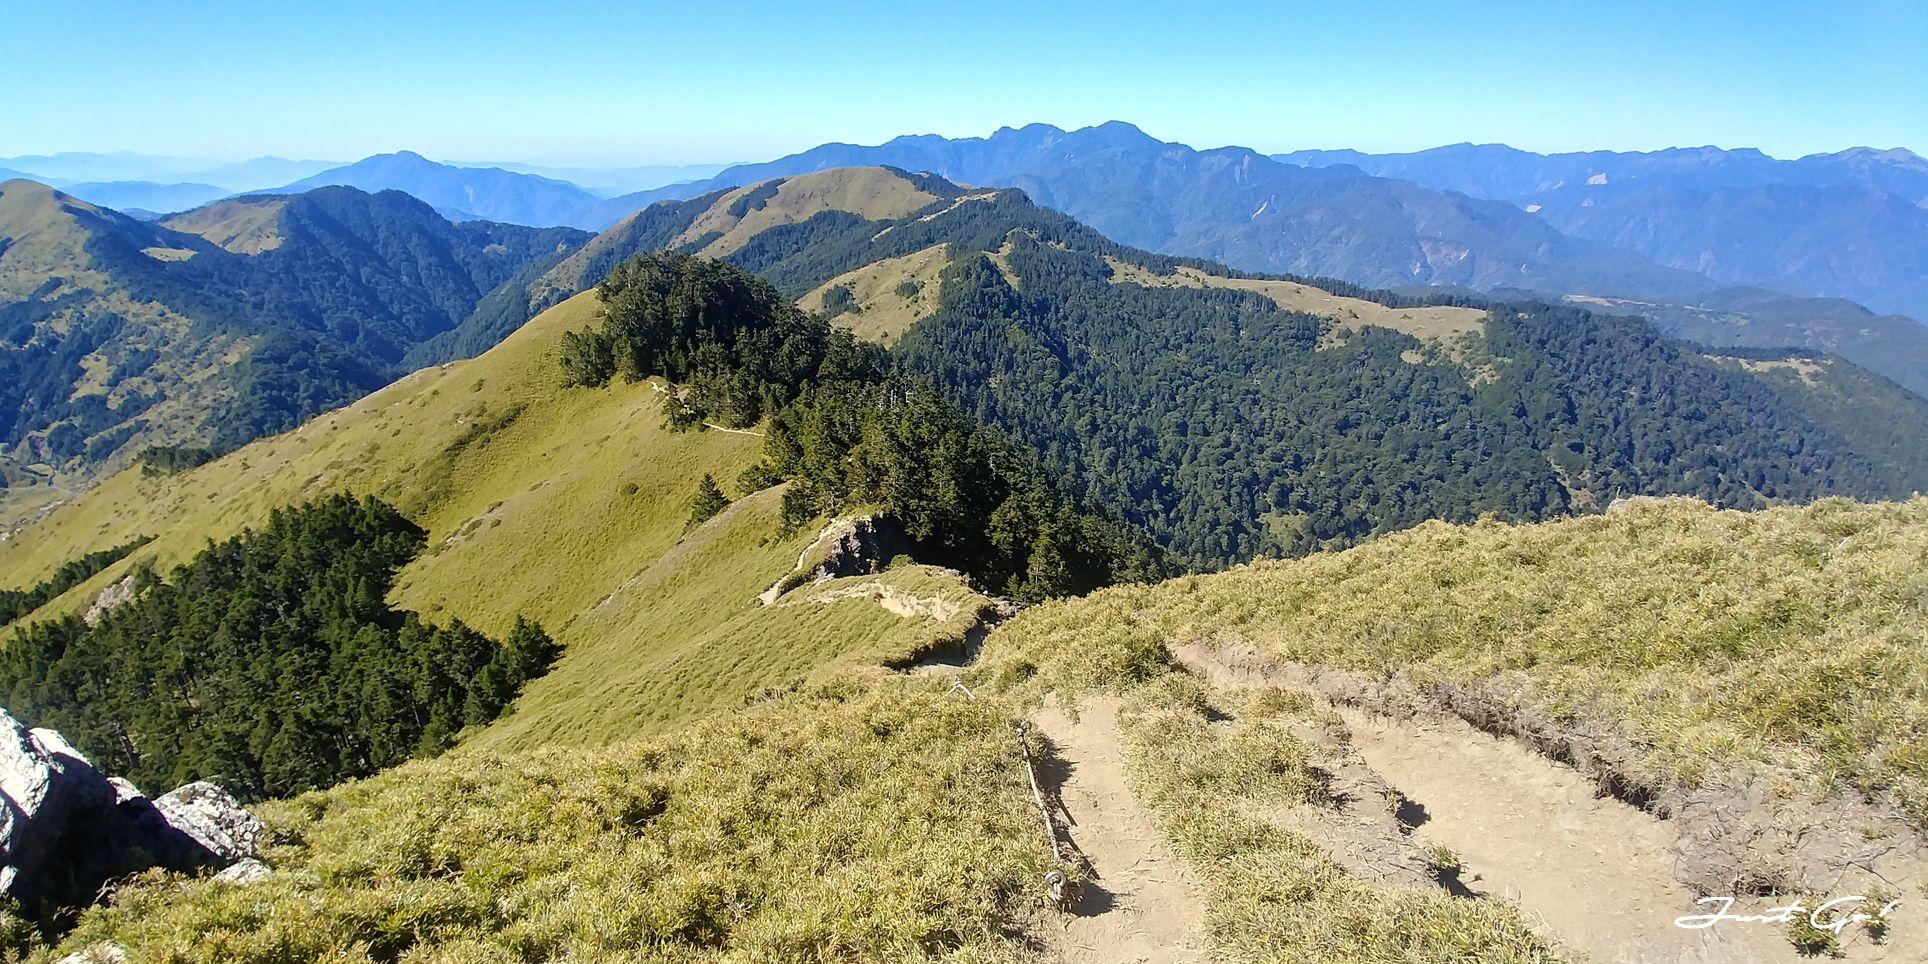 一日百岳·9小時單攻合歡西峰北峰-地圖gpx、行程規劃、申請、登山口31